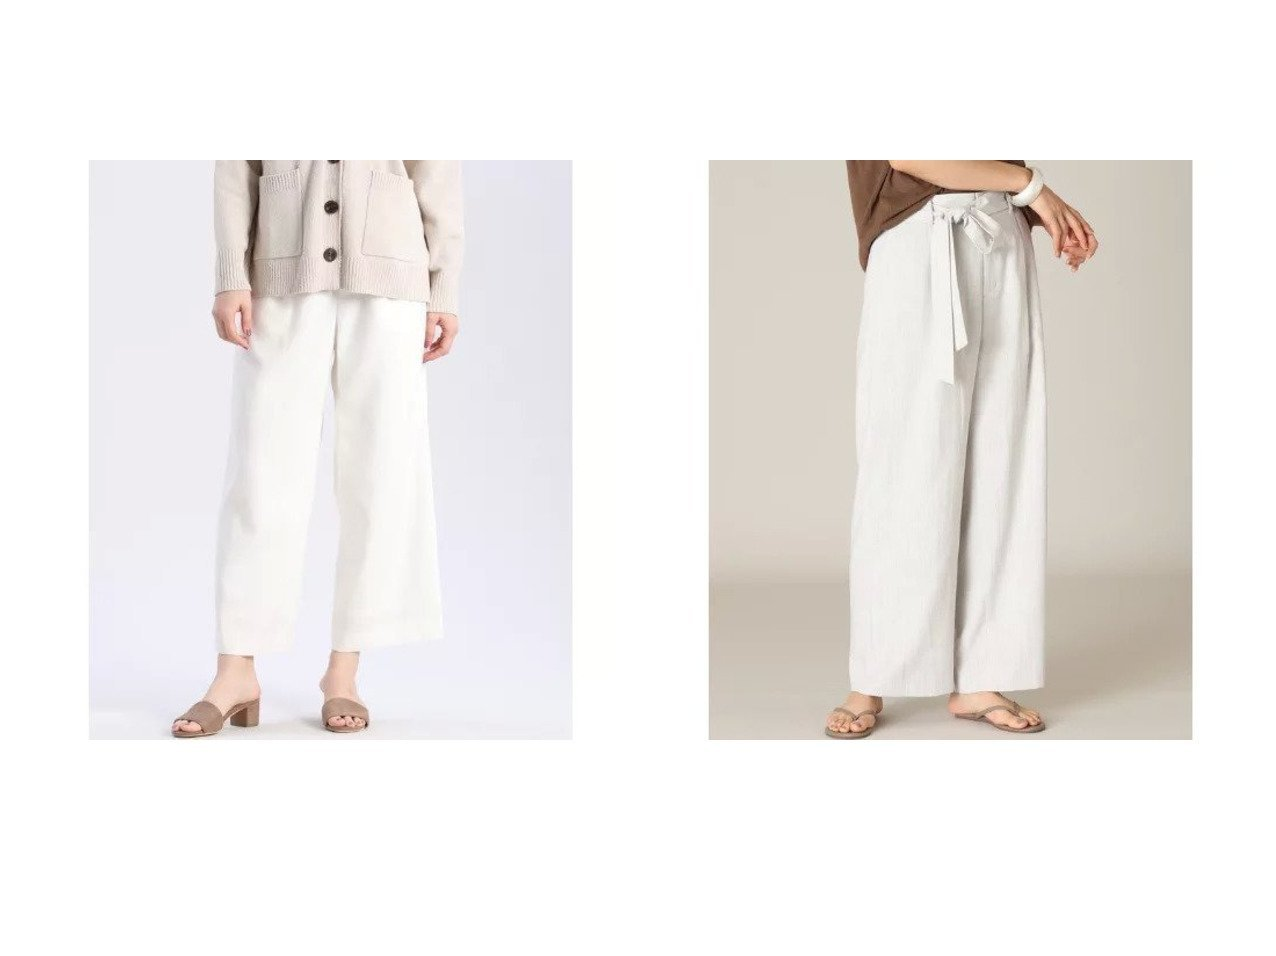 【7-IDconcept/セブンアイディコンセプト】のワイドシルエットパンツ《KF SHORE》 パンツのおすすめ!人気、トレンド・レディースファッションの通販 おすすめで人気の流行・トレンド、ファッションの通販商品 メンズファッション・キッズファッション・インテリア・家具・レディースファッション・服の通販 founy(ファニー) https://founy.com/ ファッション Fashion レディースファッション WOMEN パンツ Pants コラボ コンパクト ポケット リネン |ID:crp329100000023832